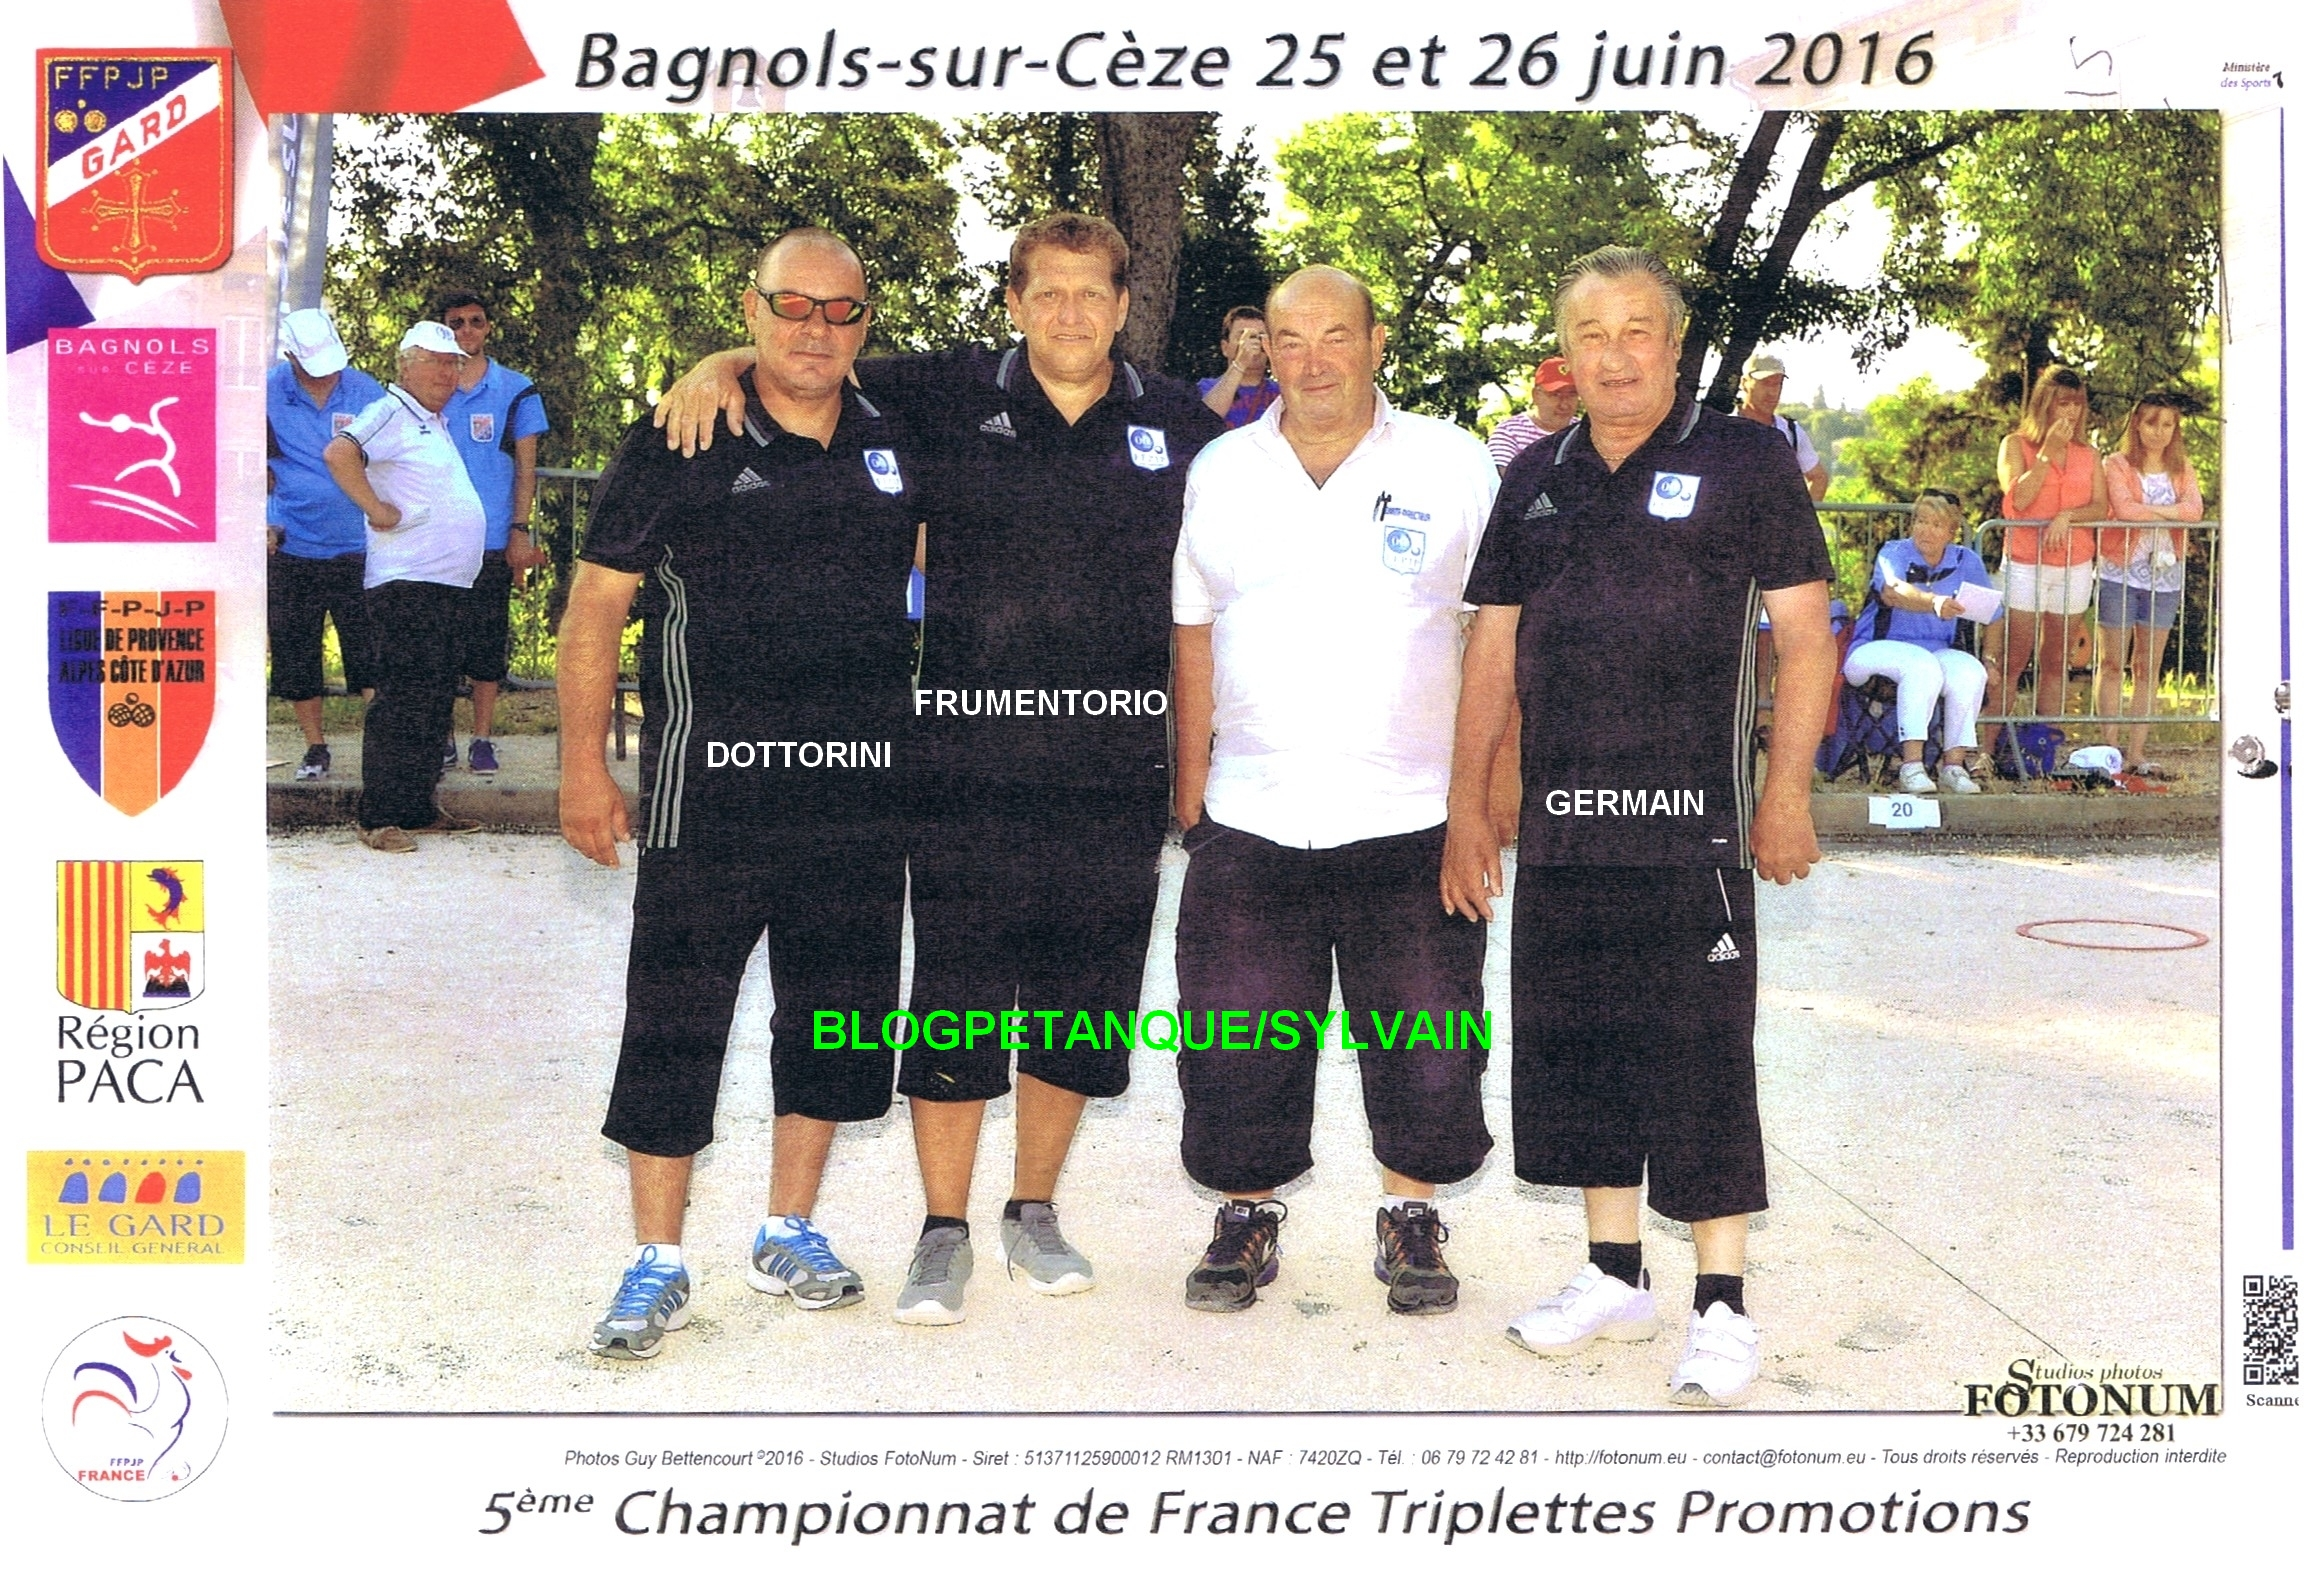 Les vices champions doublettes qualifiés par la ligue